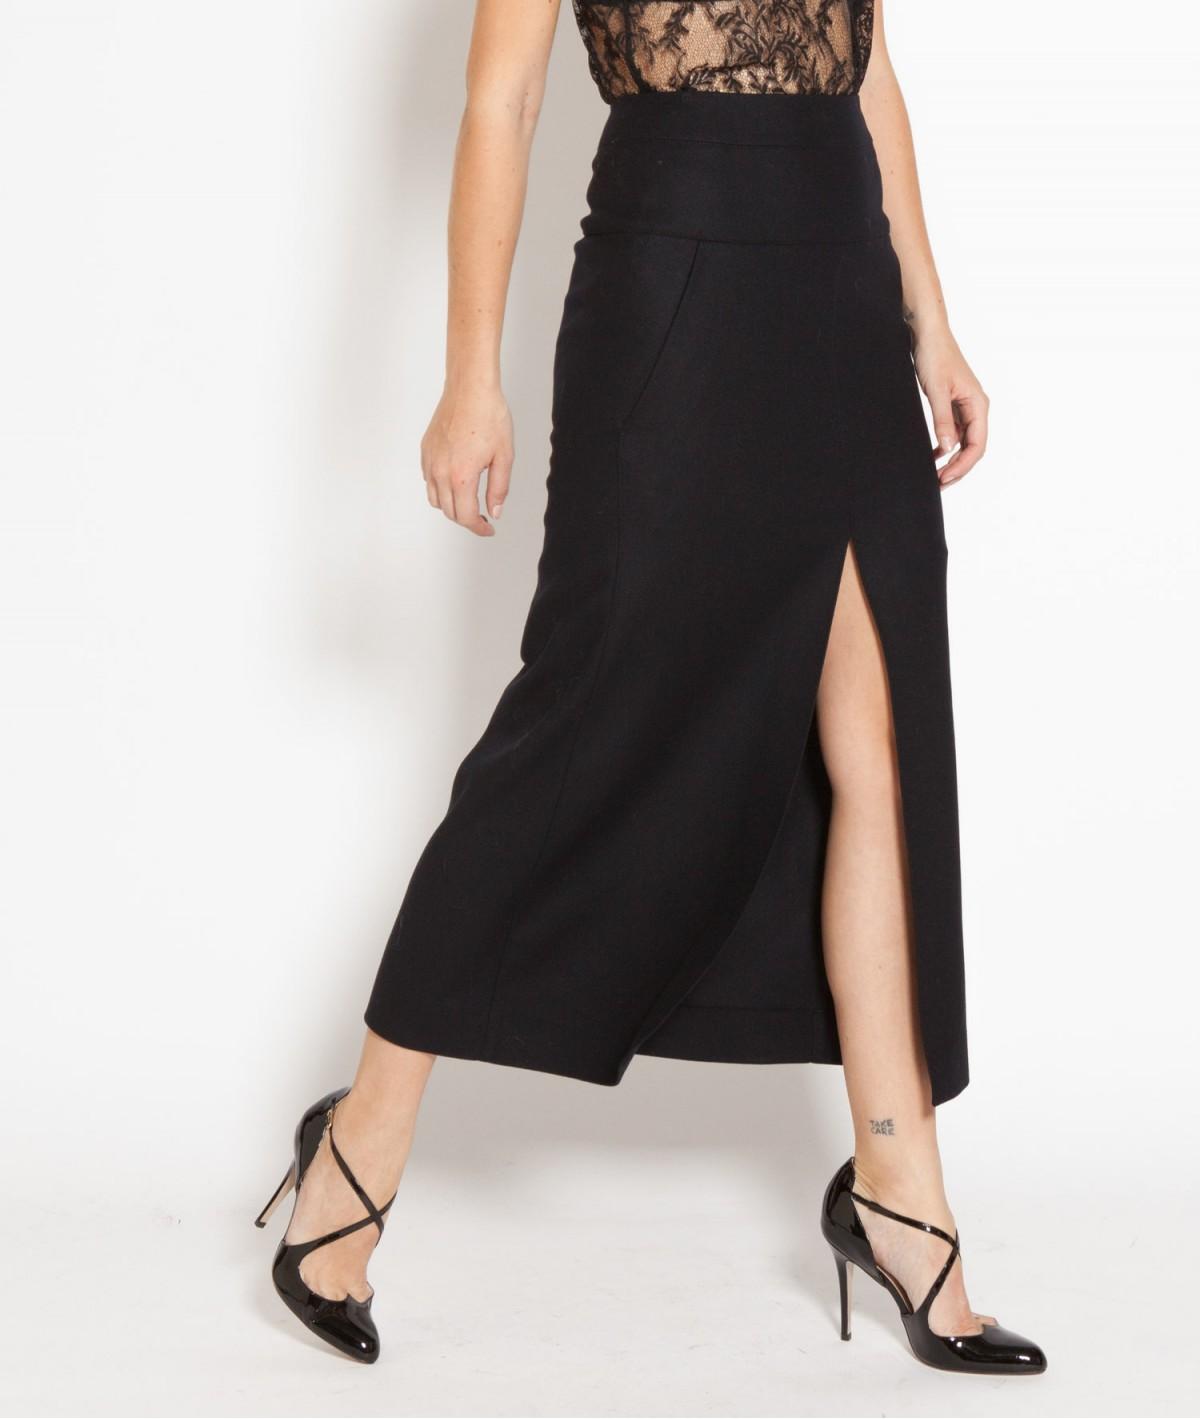 jupe longue fendue quelques conseils pour bien la porter. Black Bedroom Furniture Sets. Home Design Ideas